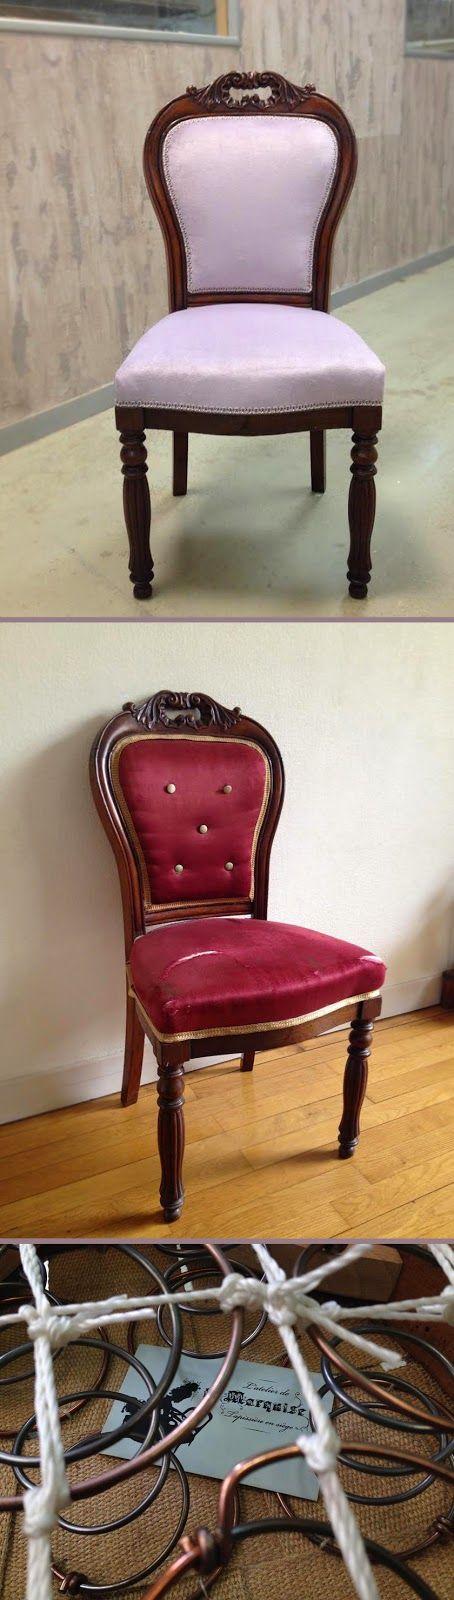 les 25 meilleures id es de la cat gorie chaise louis philippe sur pinterest meuble louis. Black Bedroom Furniture Sets. Home Design Ideas